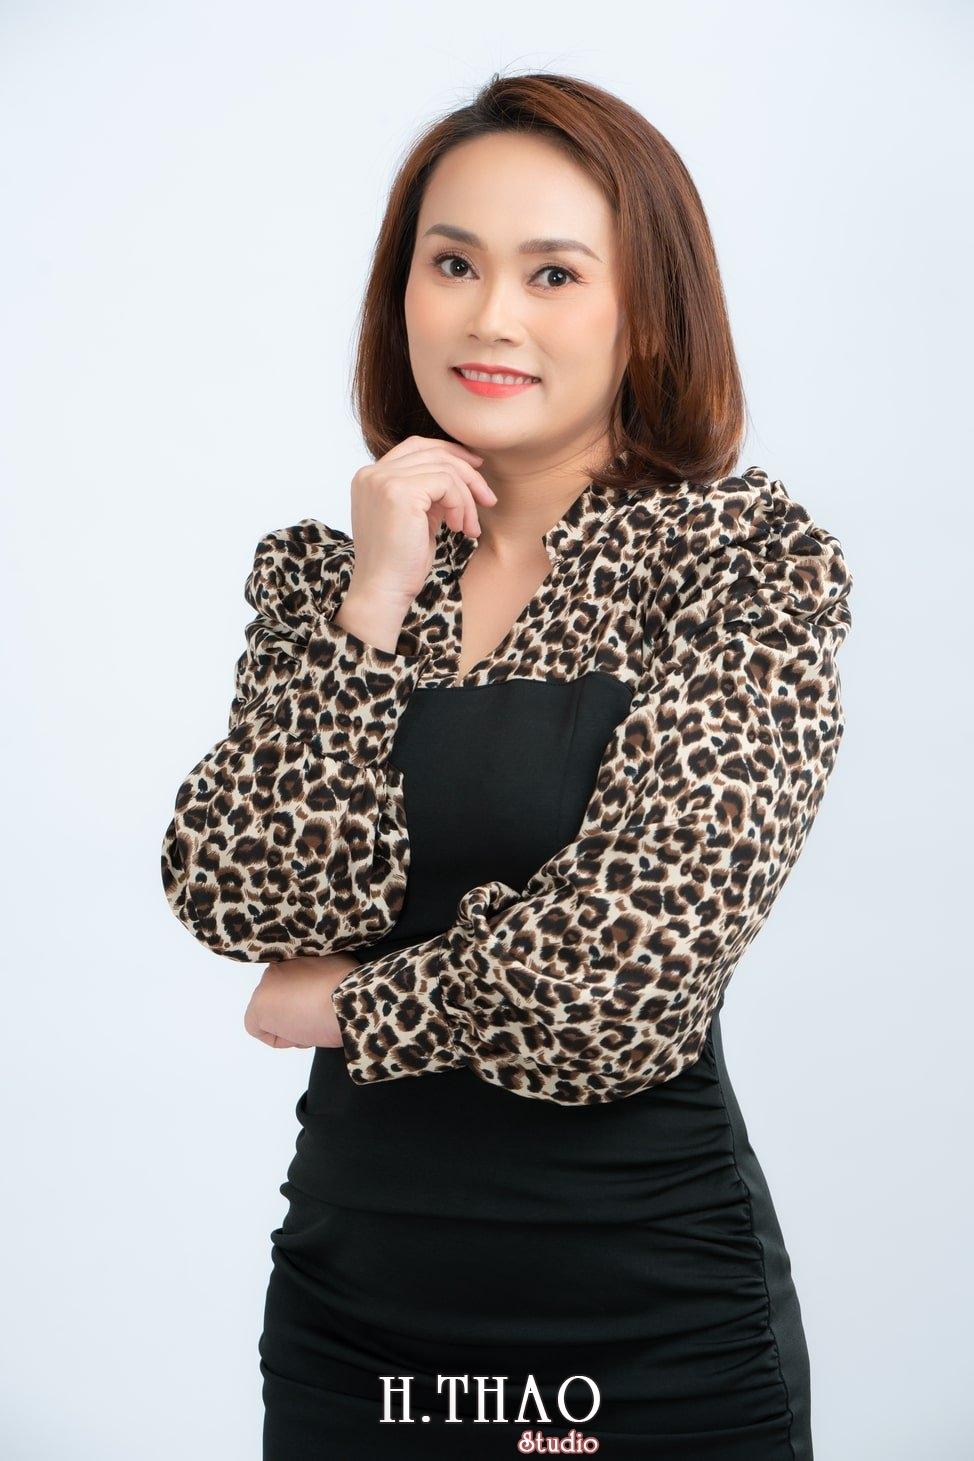 Anh Profile 12 - Album ảnh doanh nhân nữ: chị Kim đẹp nhẹ nhàng - HThao Studio